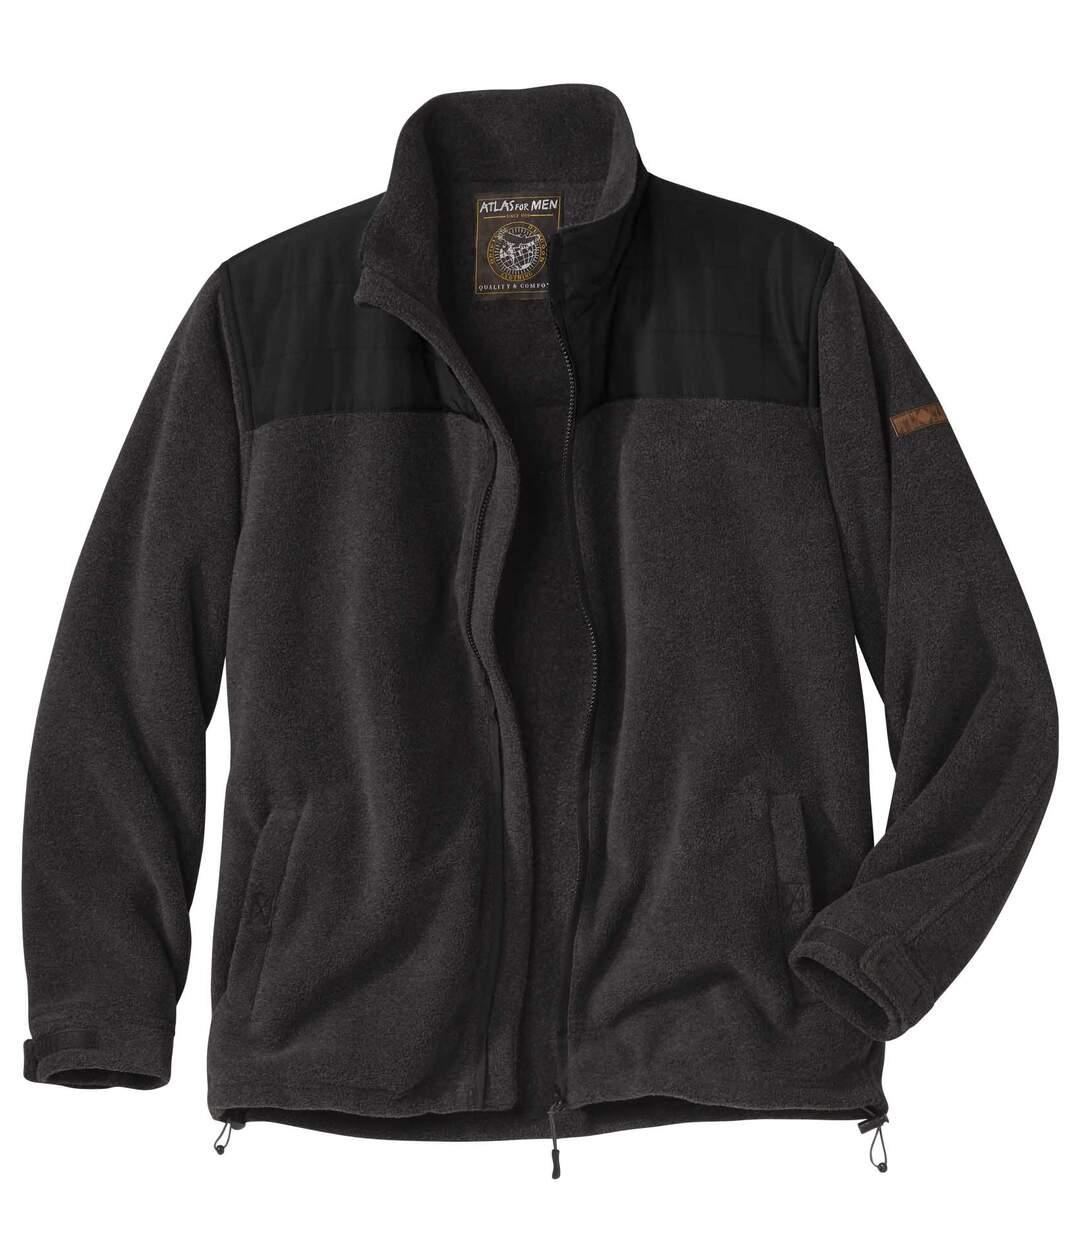 Jacke aus wasserabweisendem Fleece